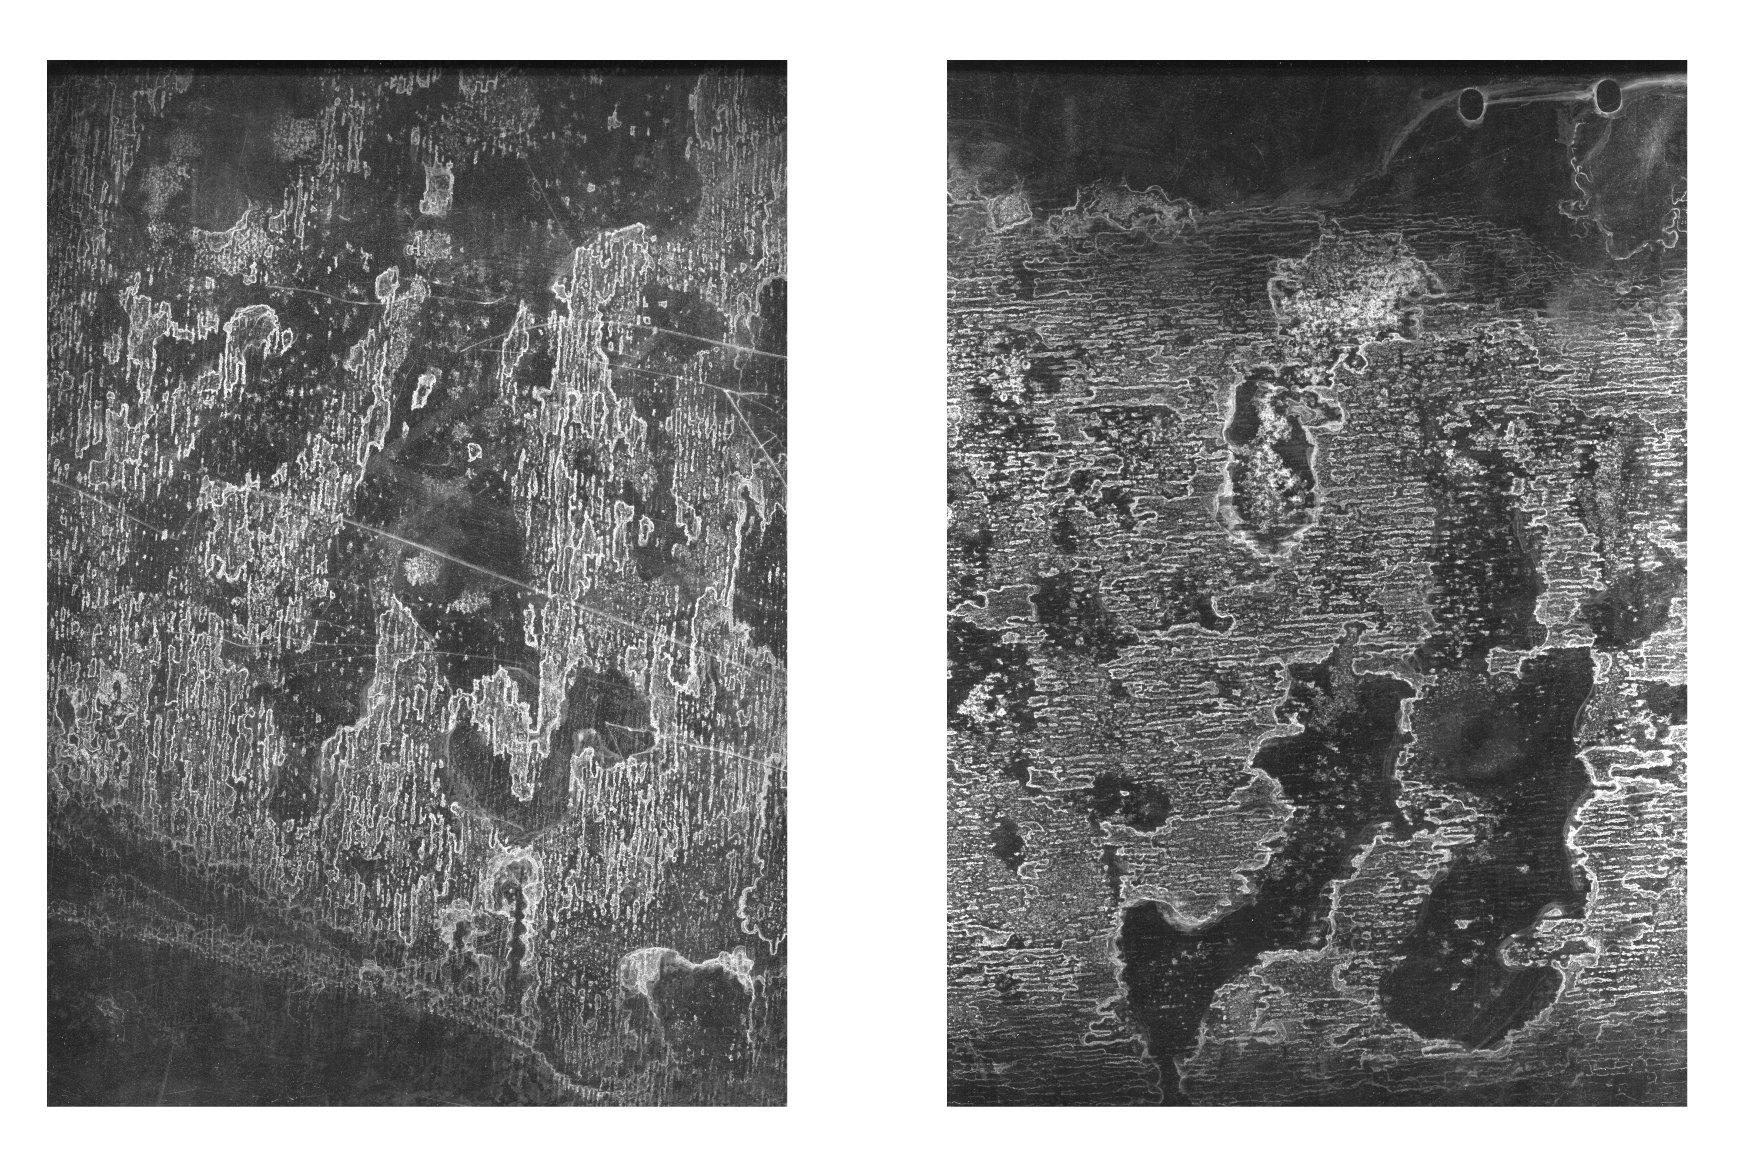 156款复古做旧折痕磨损褶皱纸张背景纹理素材合集 The Grunge Texture Bundle Vol. 1插图(32)